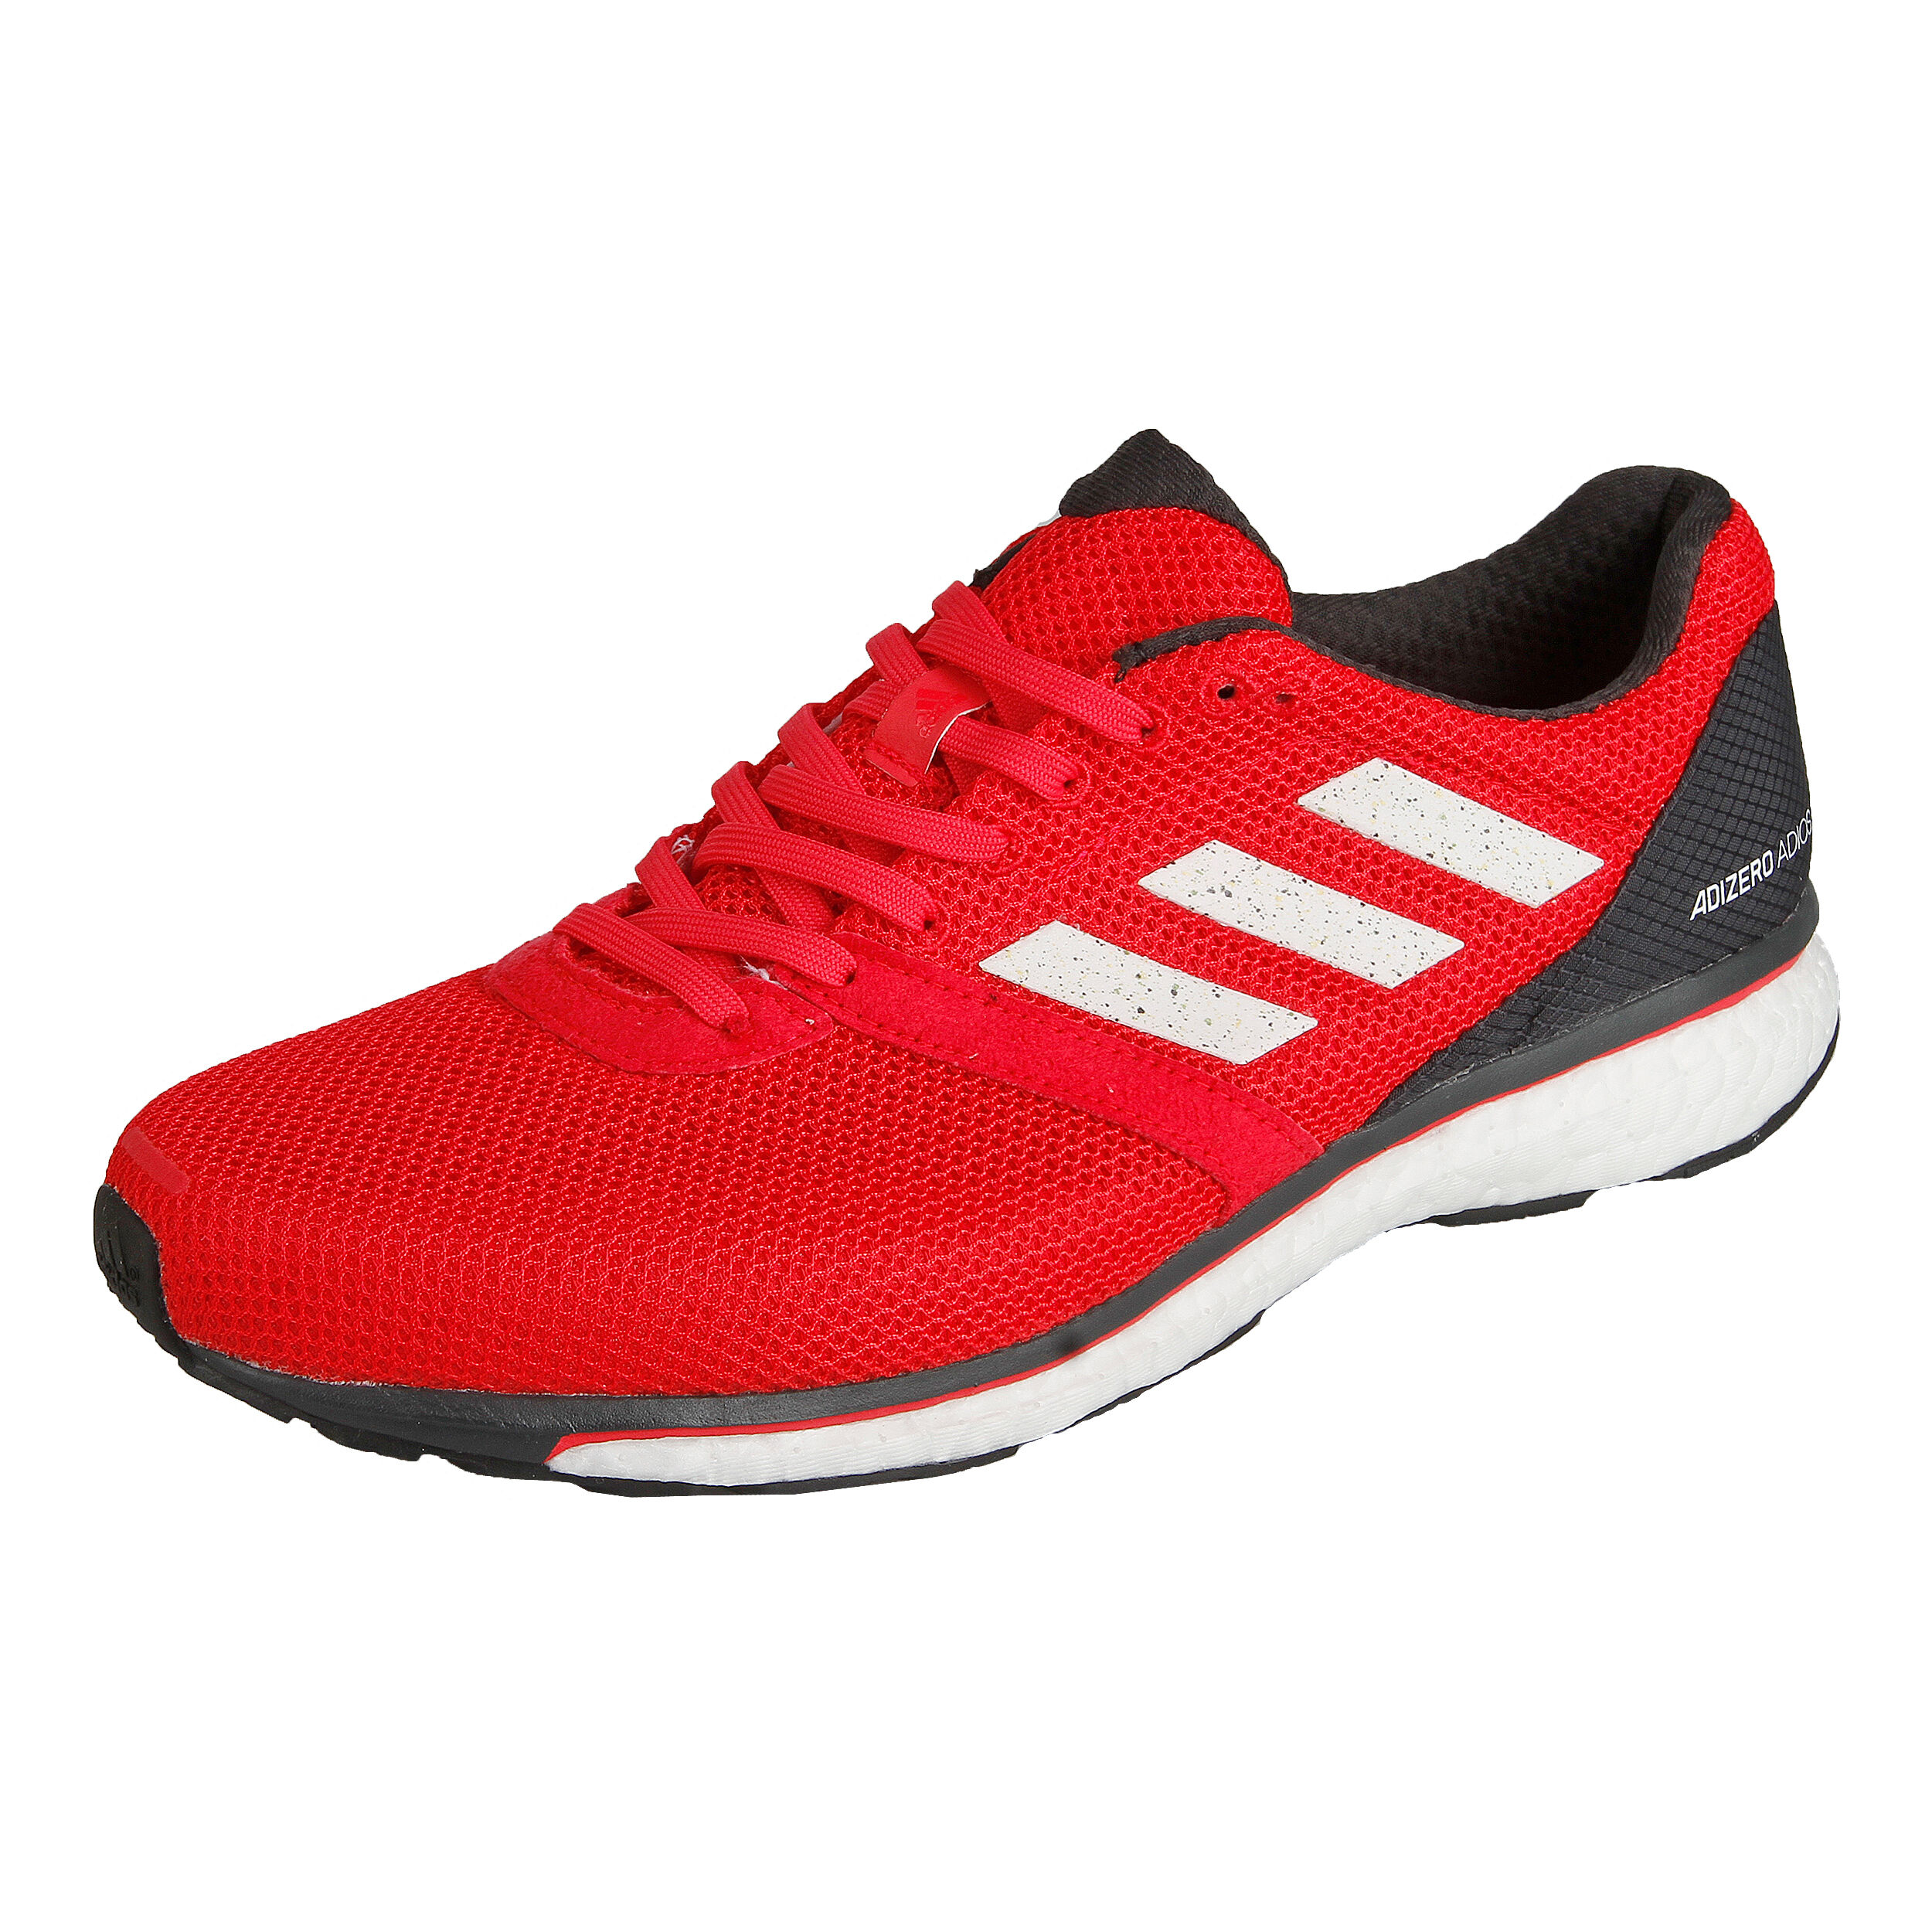 Adidas Adizero Adios Boost 3 Laufschuhe Herren rotschwarz